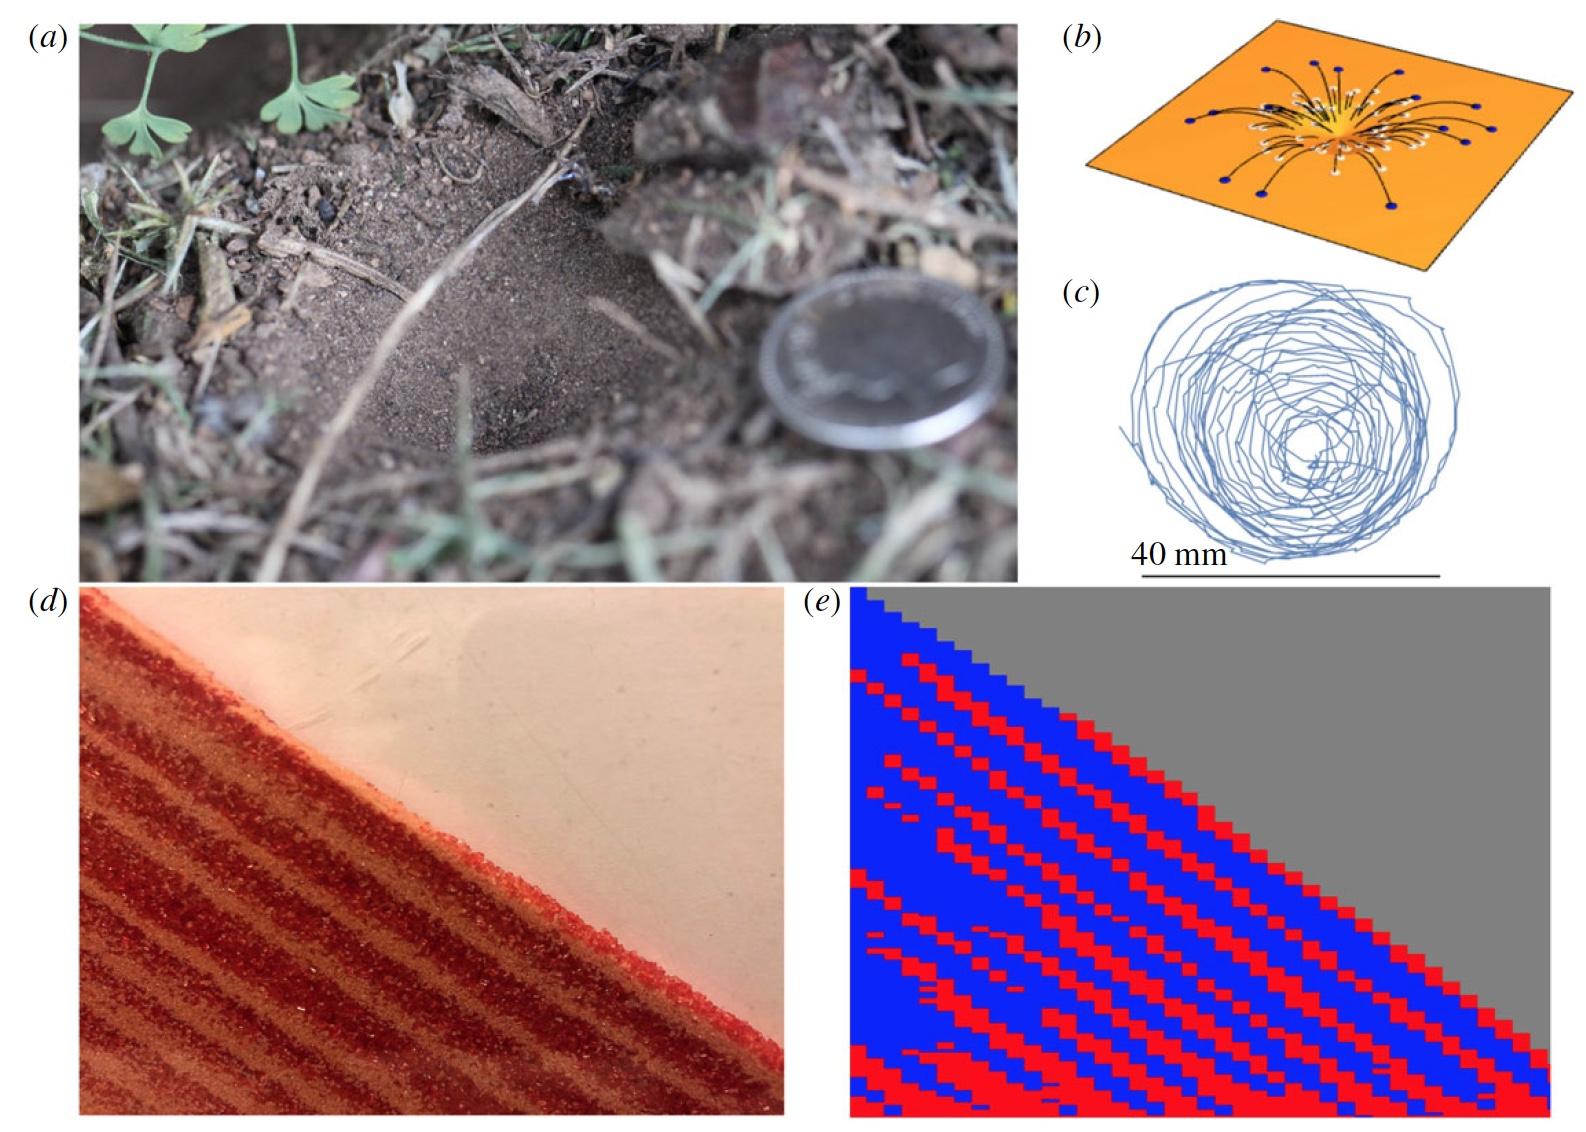 Фероподы не помогут: исследование и математическое моделирование ям-ловушек личинок муравьиных львов - 5